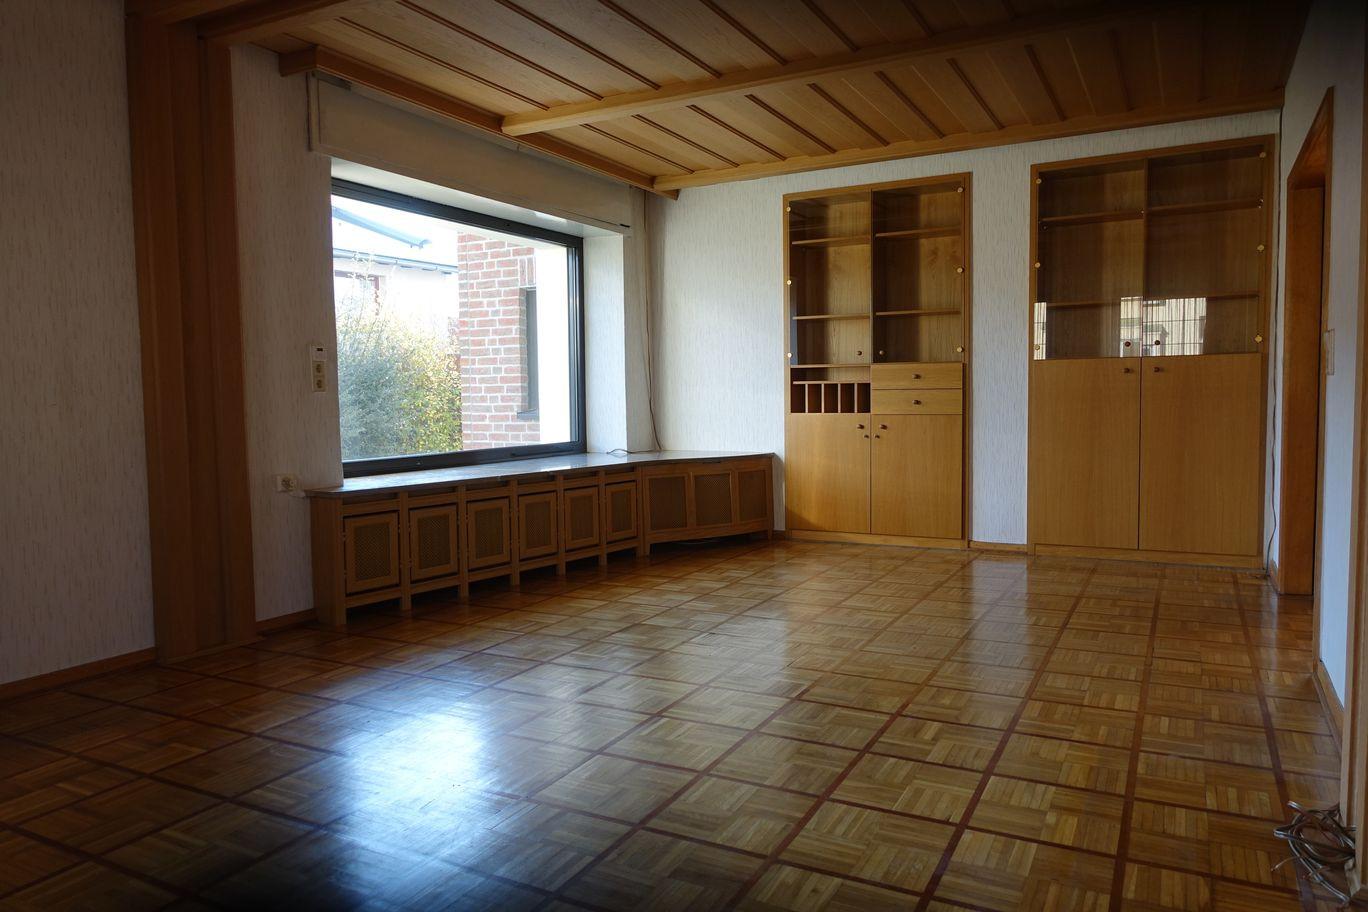 kleines Wohnzimmer oder Schlafzimmer